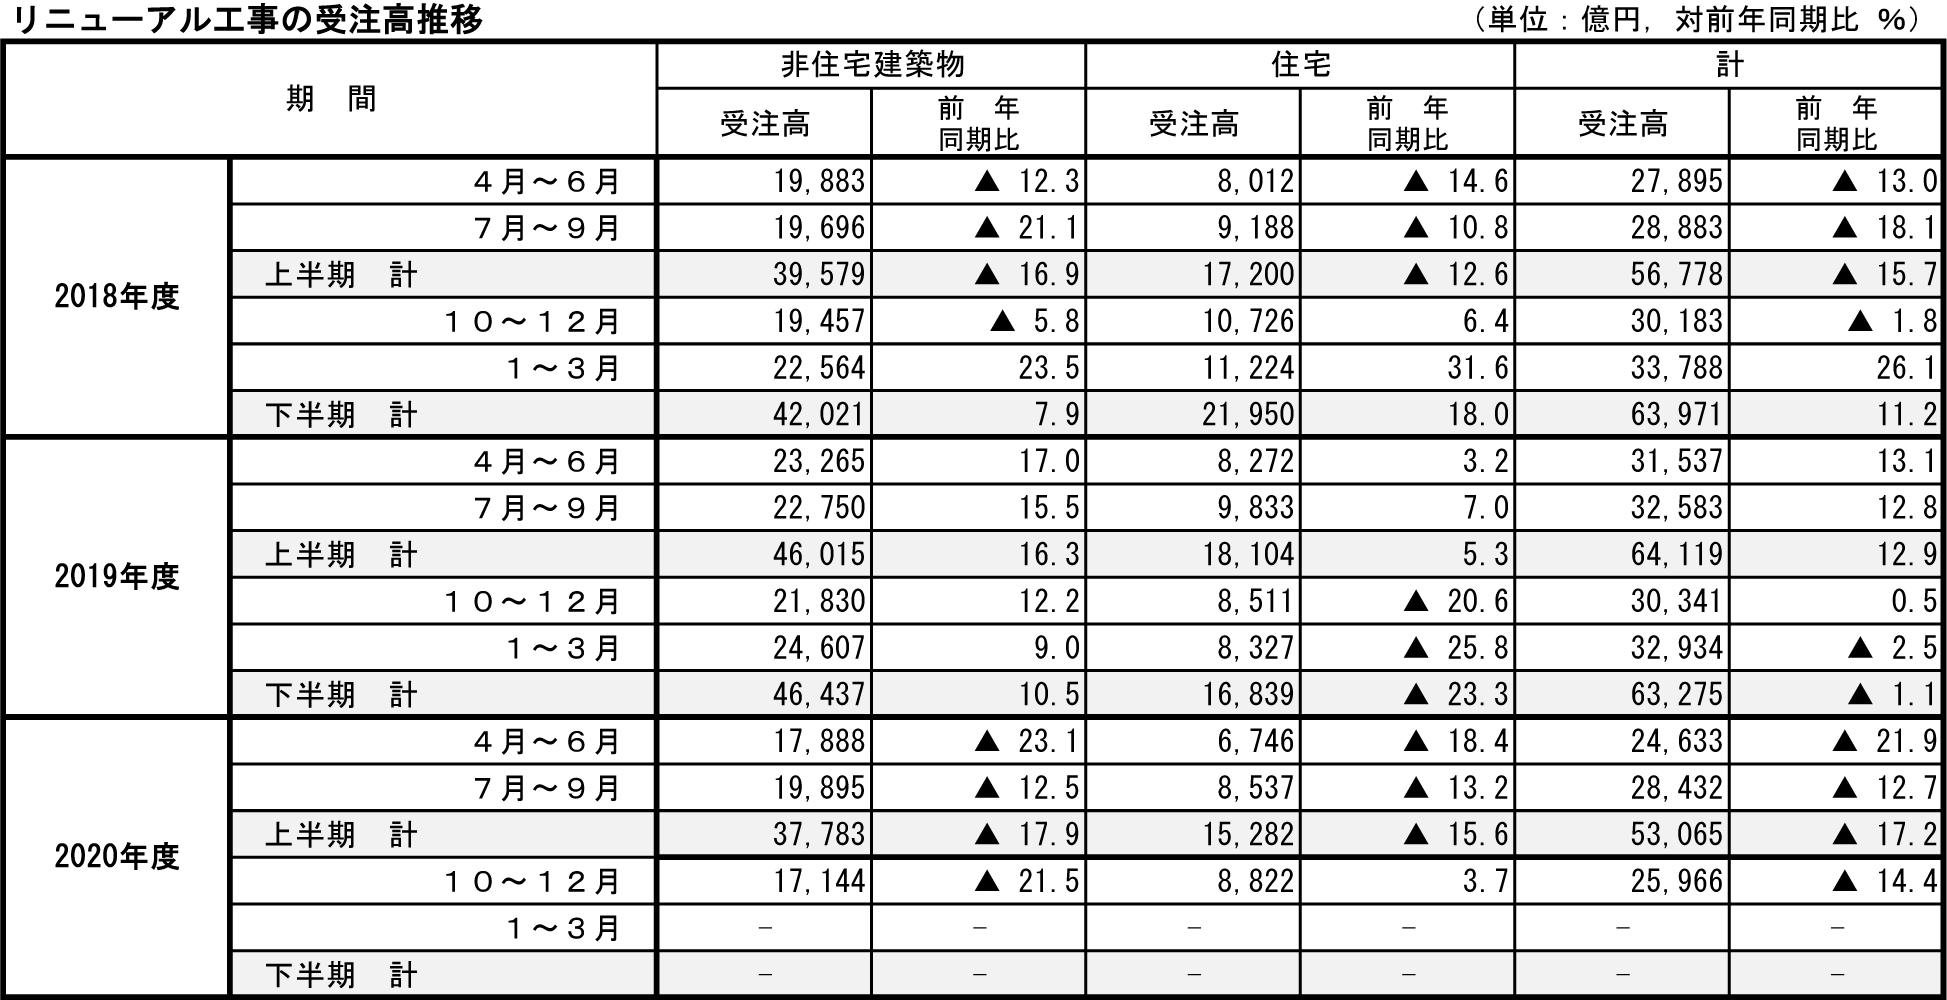 ②-1 リニューアル工事の受注高推移